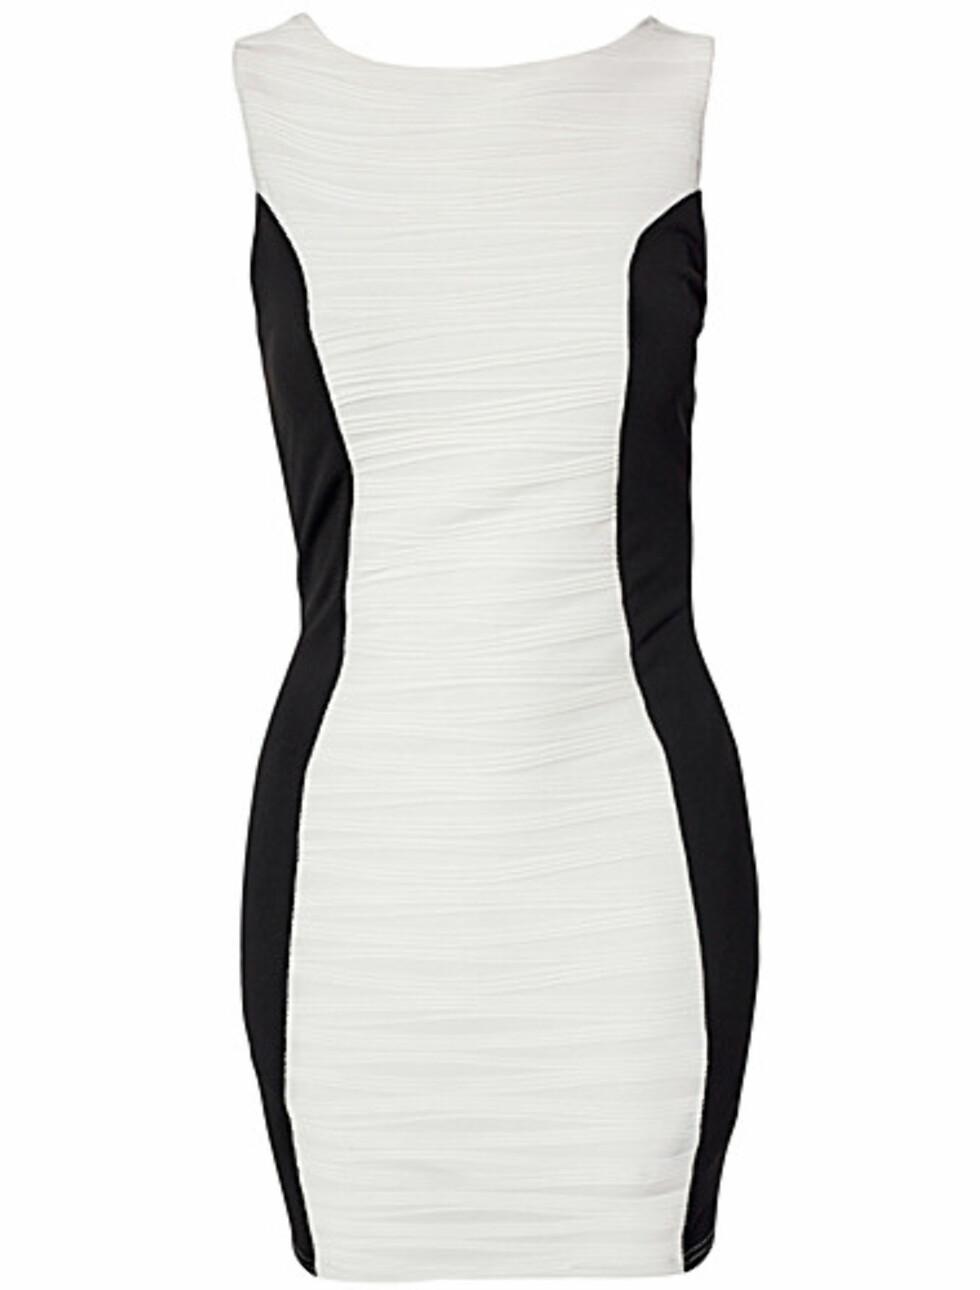 Hvit kjole med svarte partier fra AX Paris. 299 kroner, Nelly.com.  Foto: Produsenten